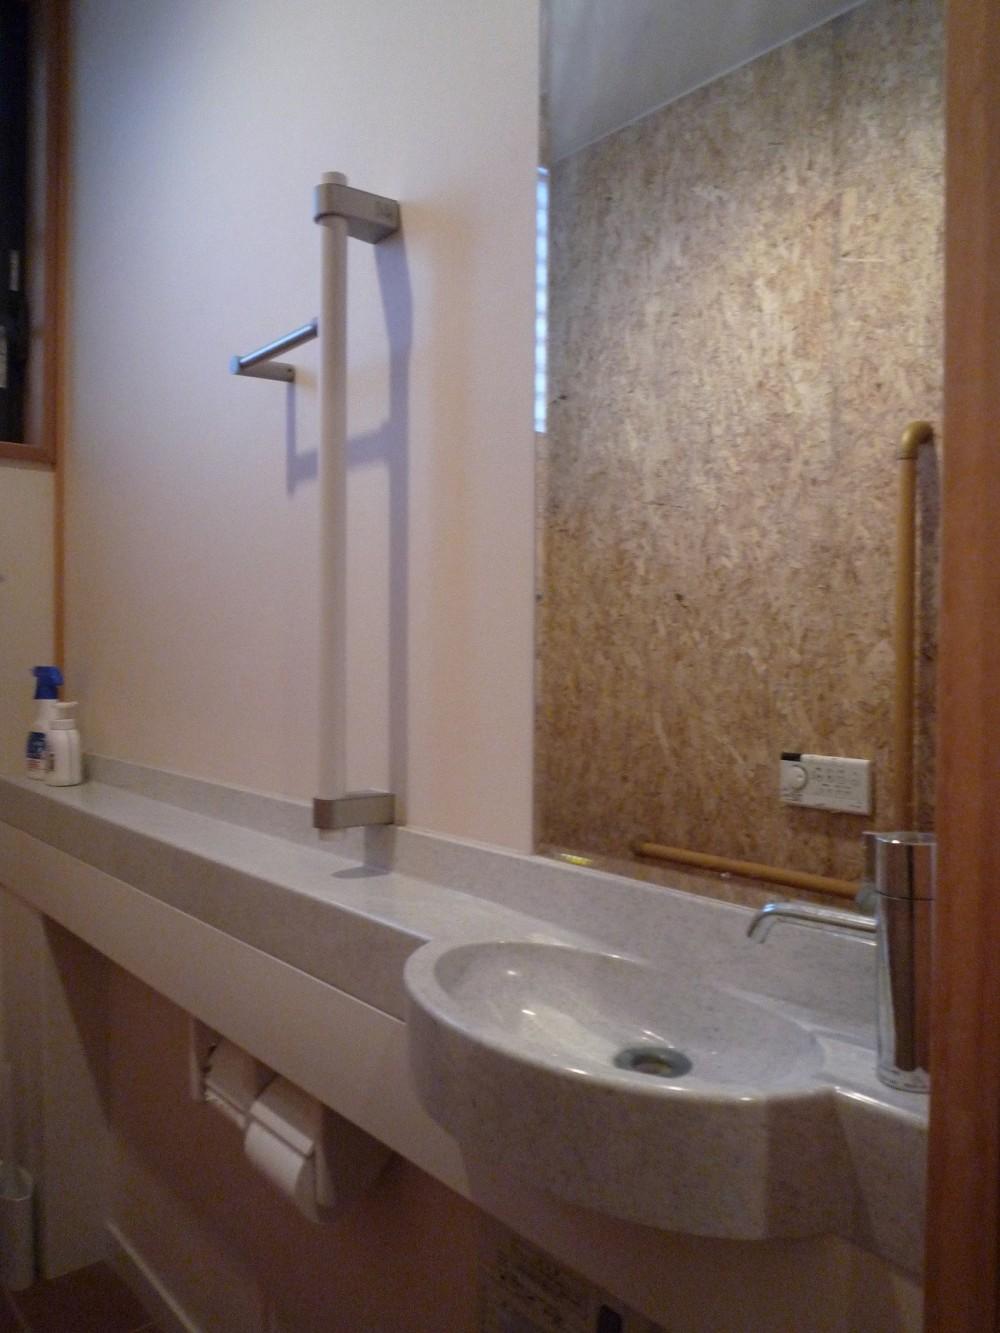 床暖房があるバリアフリー対策の平屋建て住宅|超高気密高断熱の住まい (トイレ:手すり付ひじ置きカウンター + 手洗い器|バリアフリー対策)